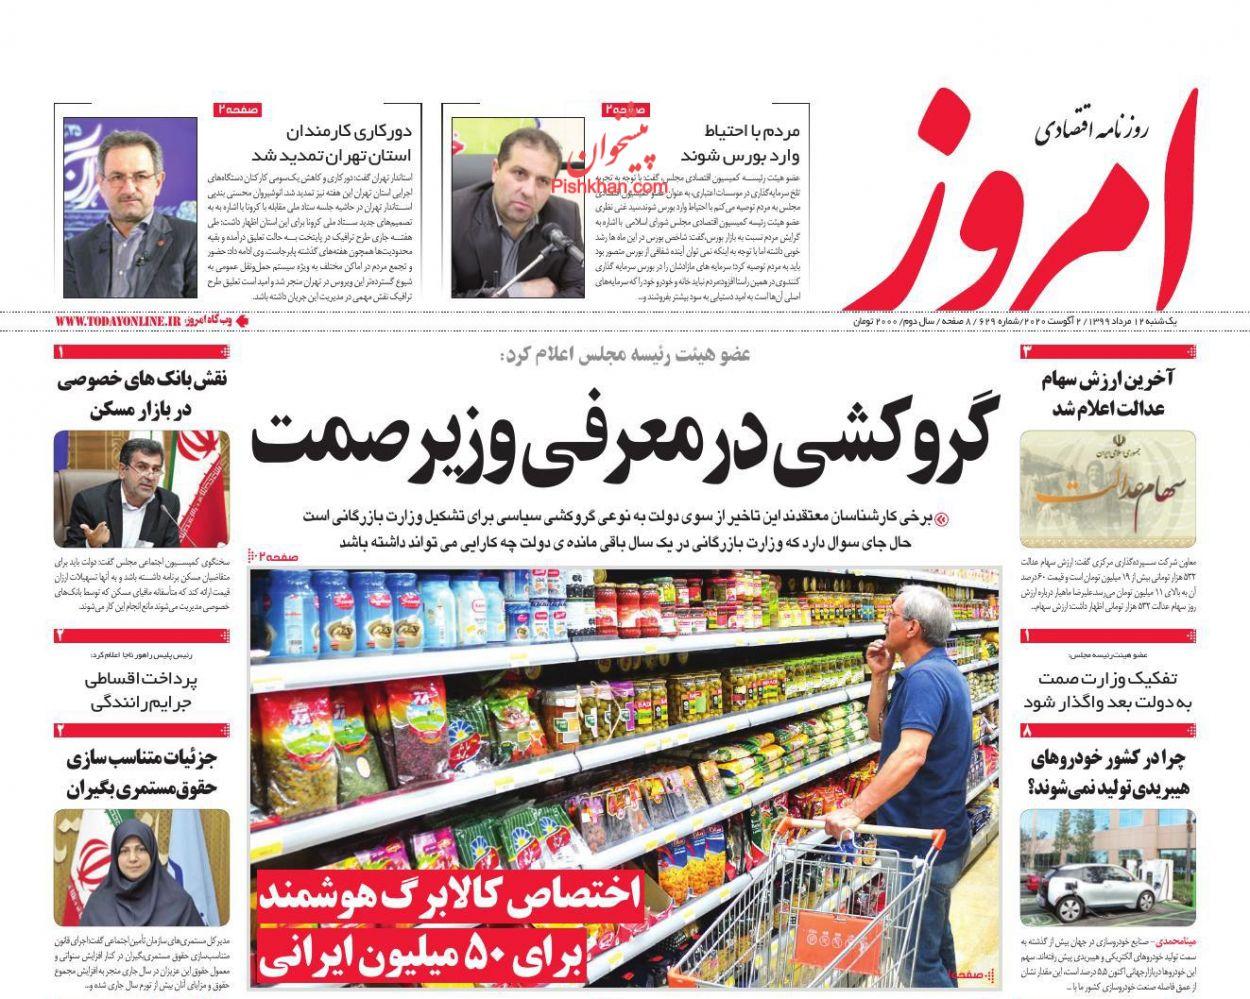 عناوین اخبار روزنامه امروز در روز یکشنبه ۱۲ مرداد